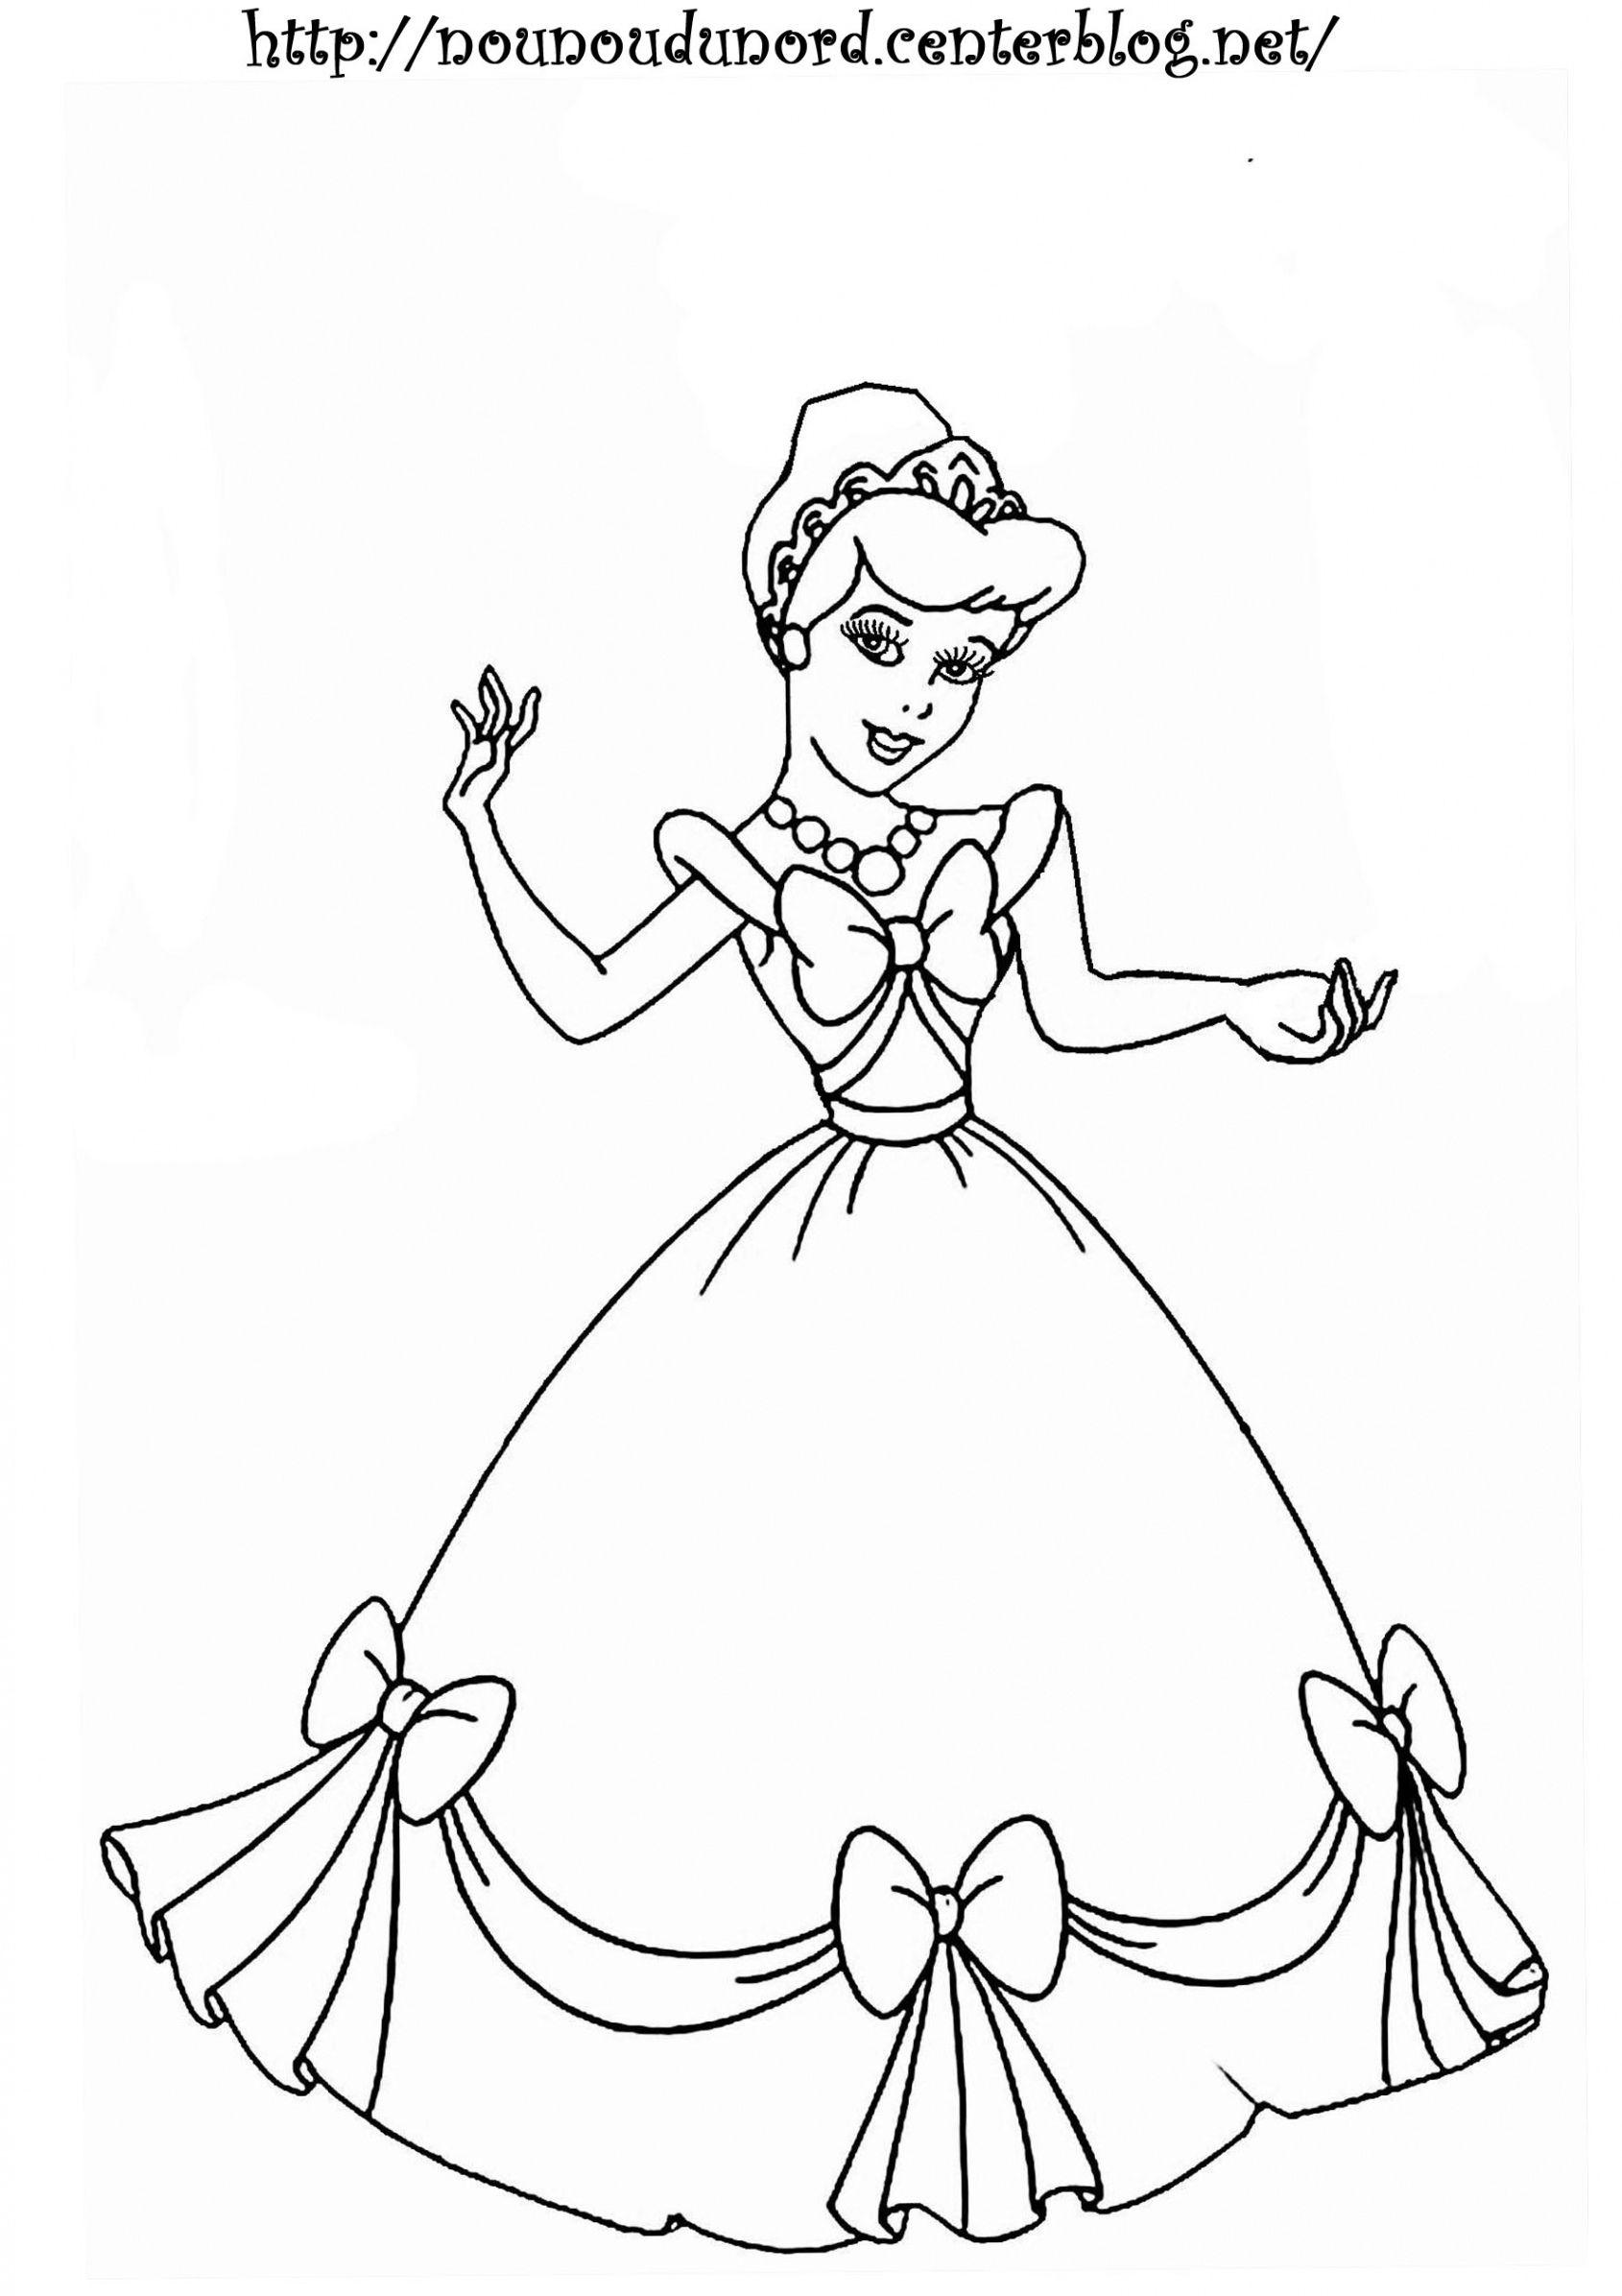 Dessin A Colorier A Imprimer Princesse tout Dessin Walt Disney À Imprimer